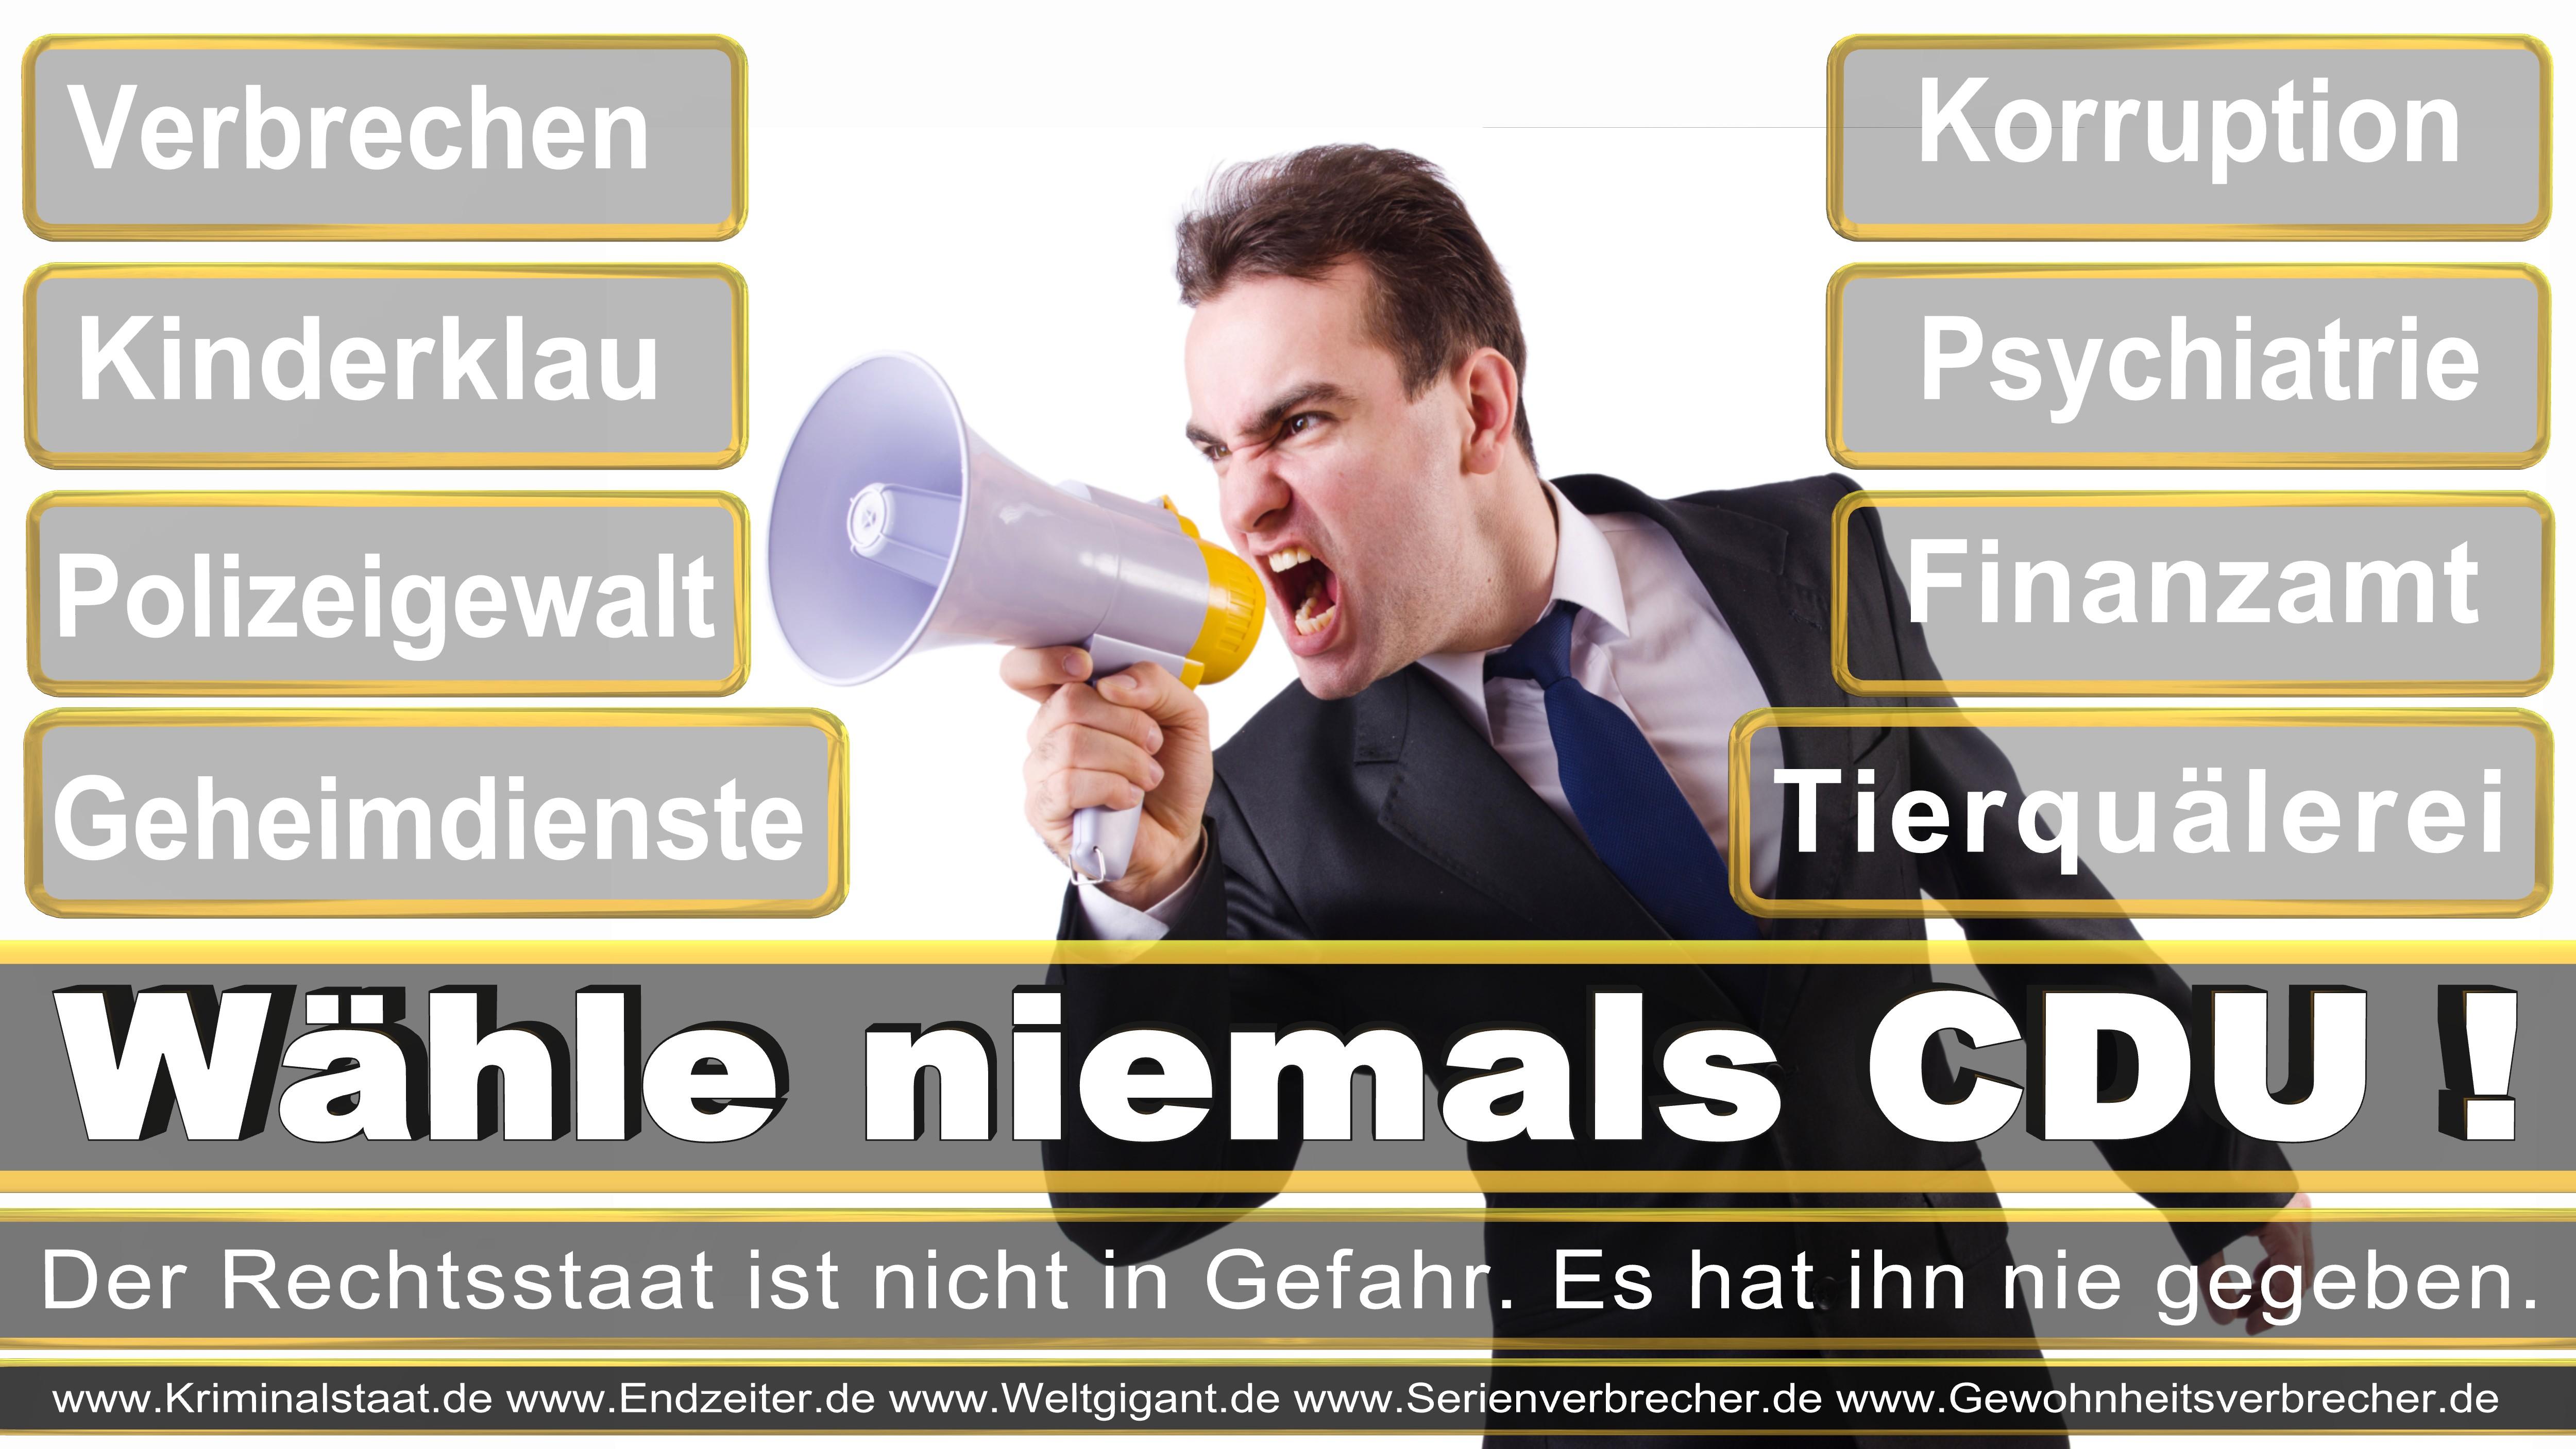 Bundestagswahl 2017 CDU SPD FDP Grüne Linke AfD Piratenpartei NPD Stimmzettel Datum Umfrage Prognose Termin